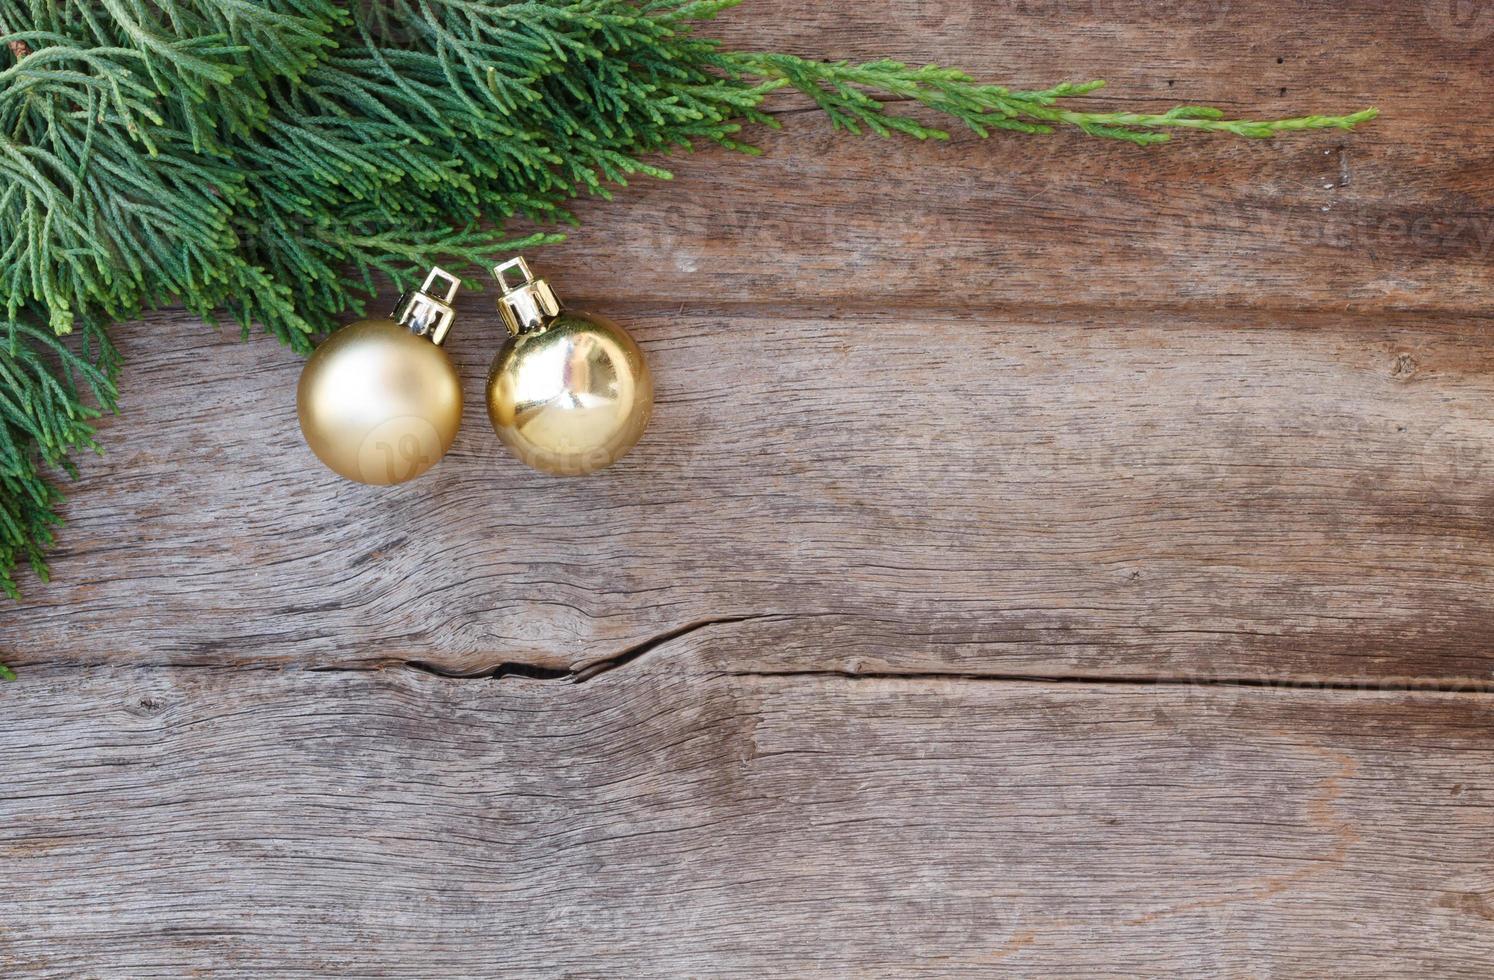 Kerst achtergrond met decoratiegift foto